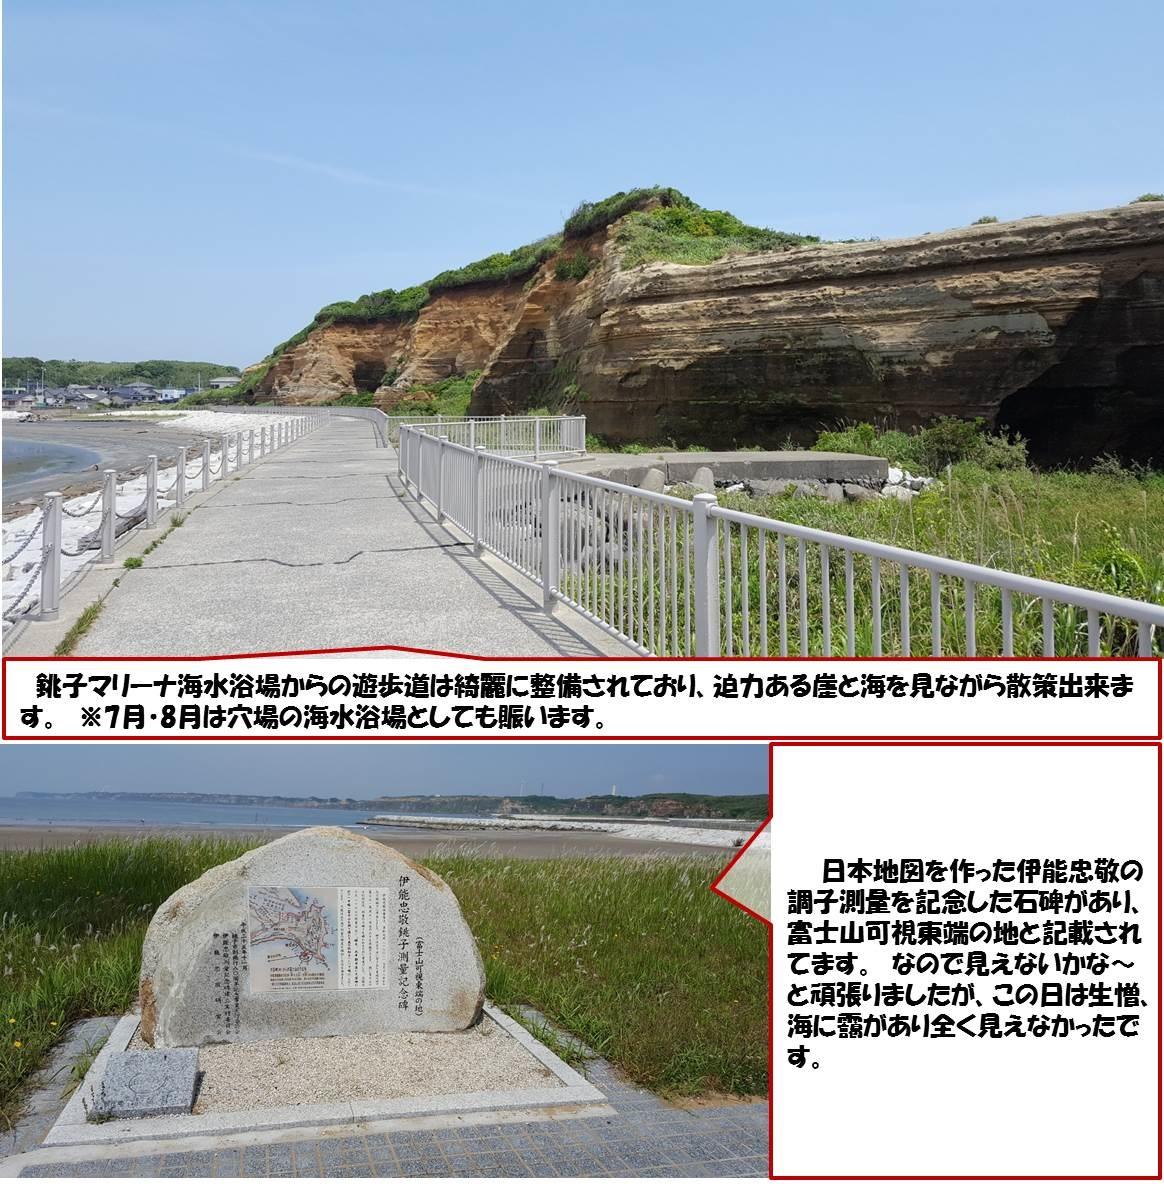 銚子マリーナ海水浴場からの遊歩道は綺麗に整備されており、迫力ある崖と海を見ながら散策出来ます。 ※7月・8月は穴場の海水浴場としても賑います。 日本地図を作った伊能忠敬の調子測量を記念した石碑があり、富士山可視東端の地と記載されてます。 なので見えないかな~と頑張りましたが、この日は生憎、海に靄があり全く見えなかったです。